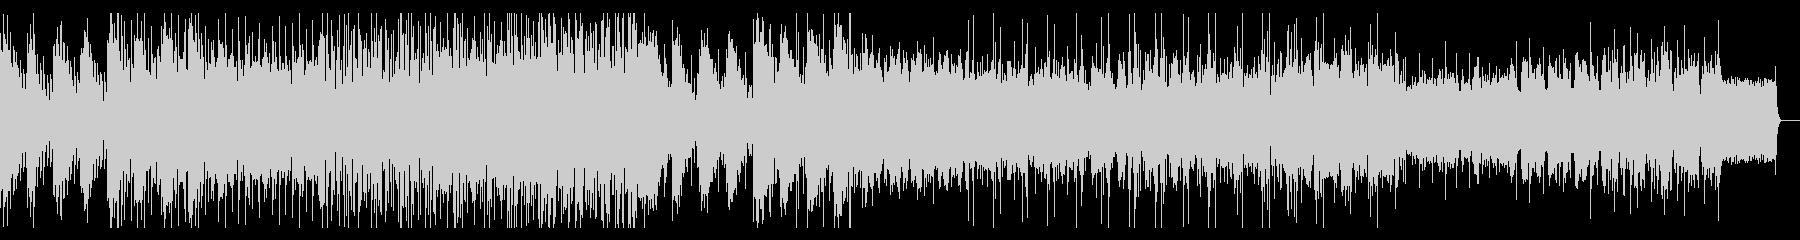 ダンサンブルなグリッジエレクトロニカの未再生の波形